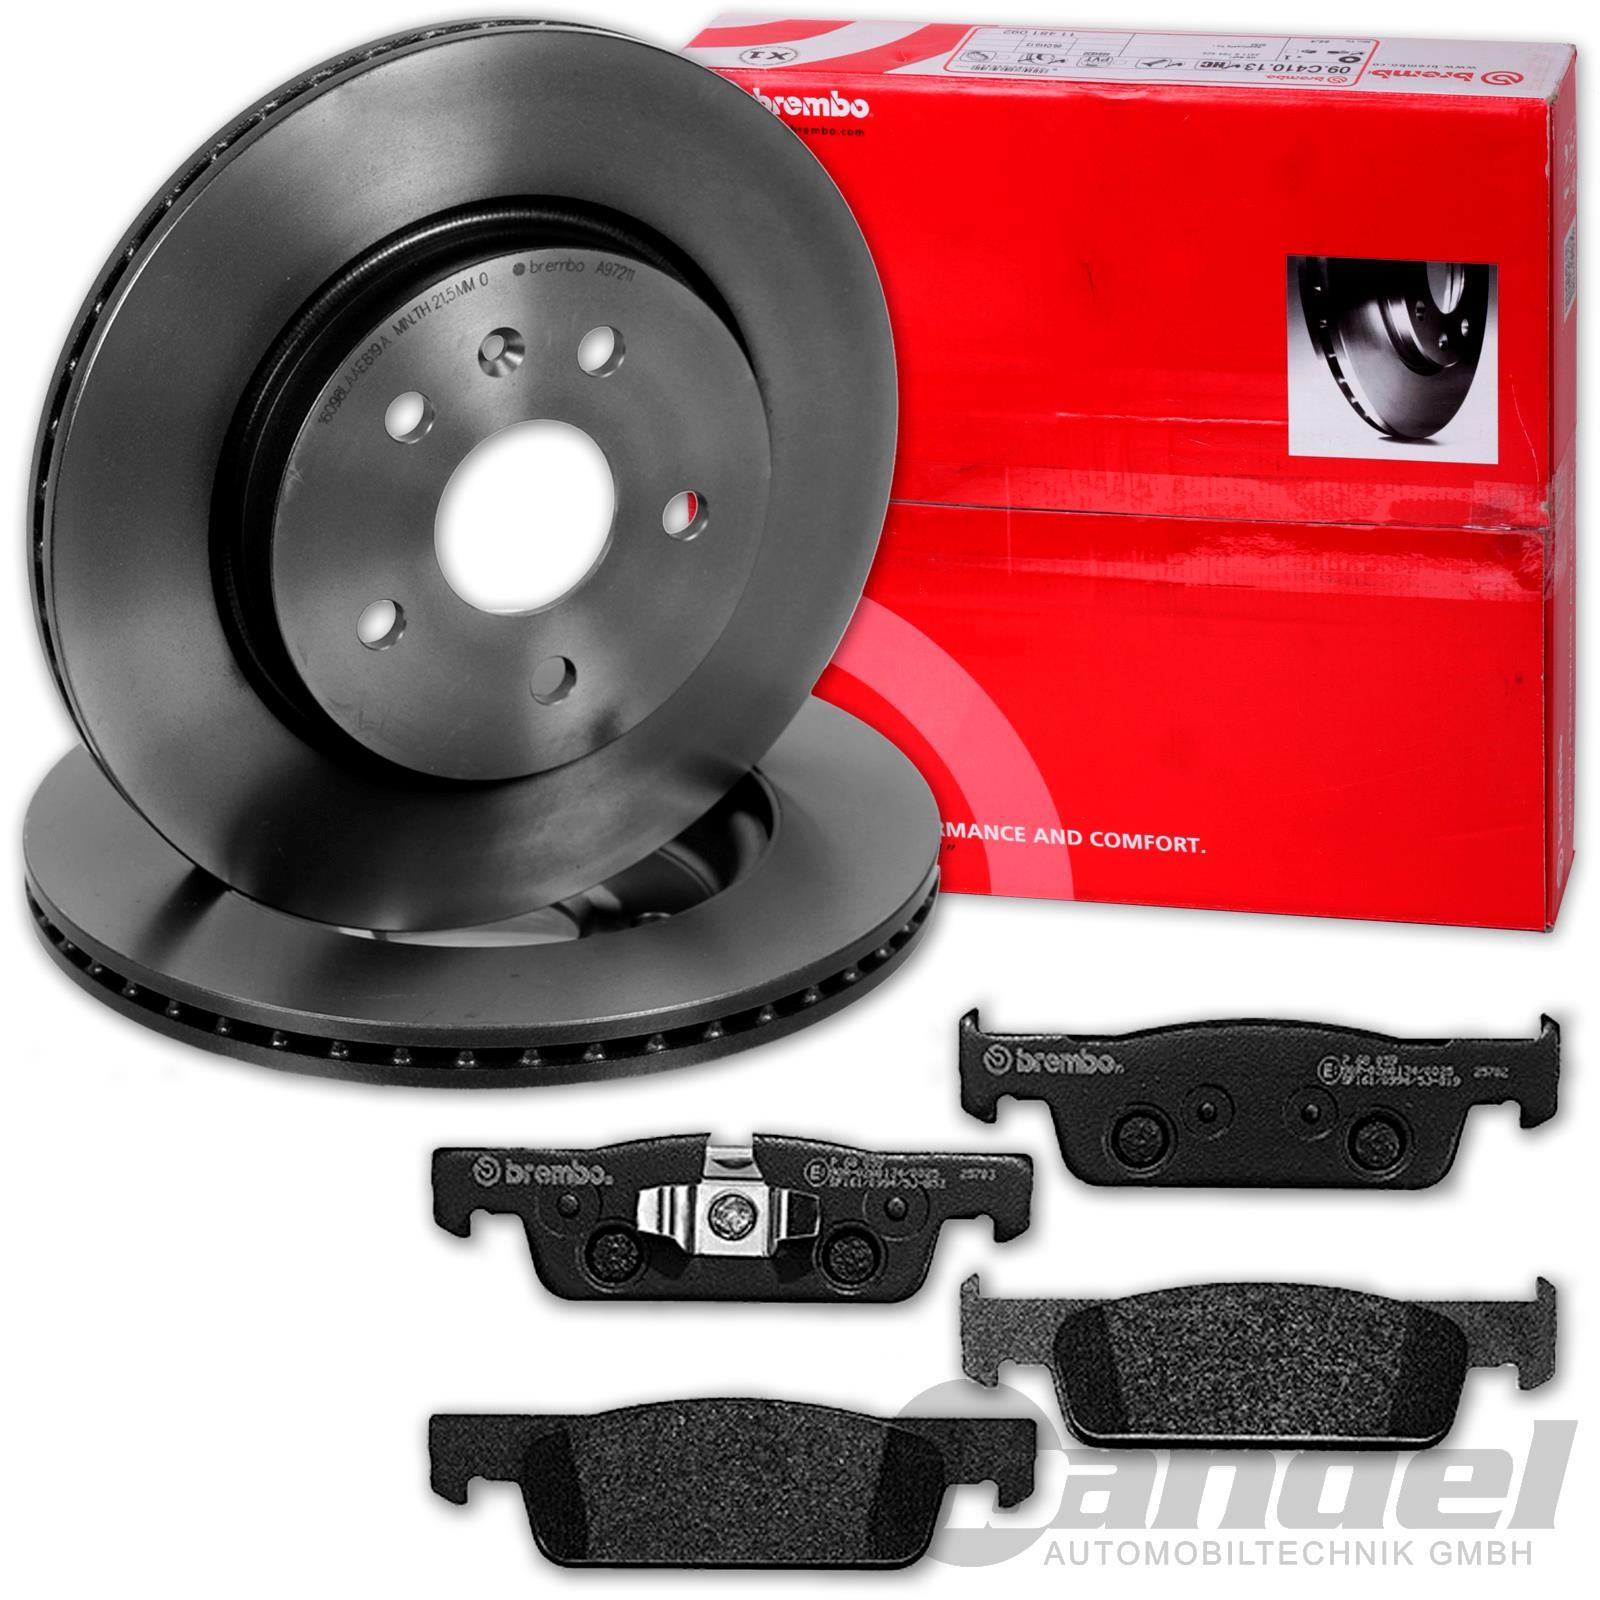 RENAULT CLIO I 1.8 SET 2 Bremsscheiben 4 Bremsbeläge vorne vorn Vorderachse